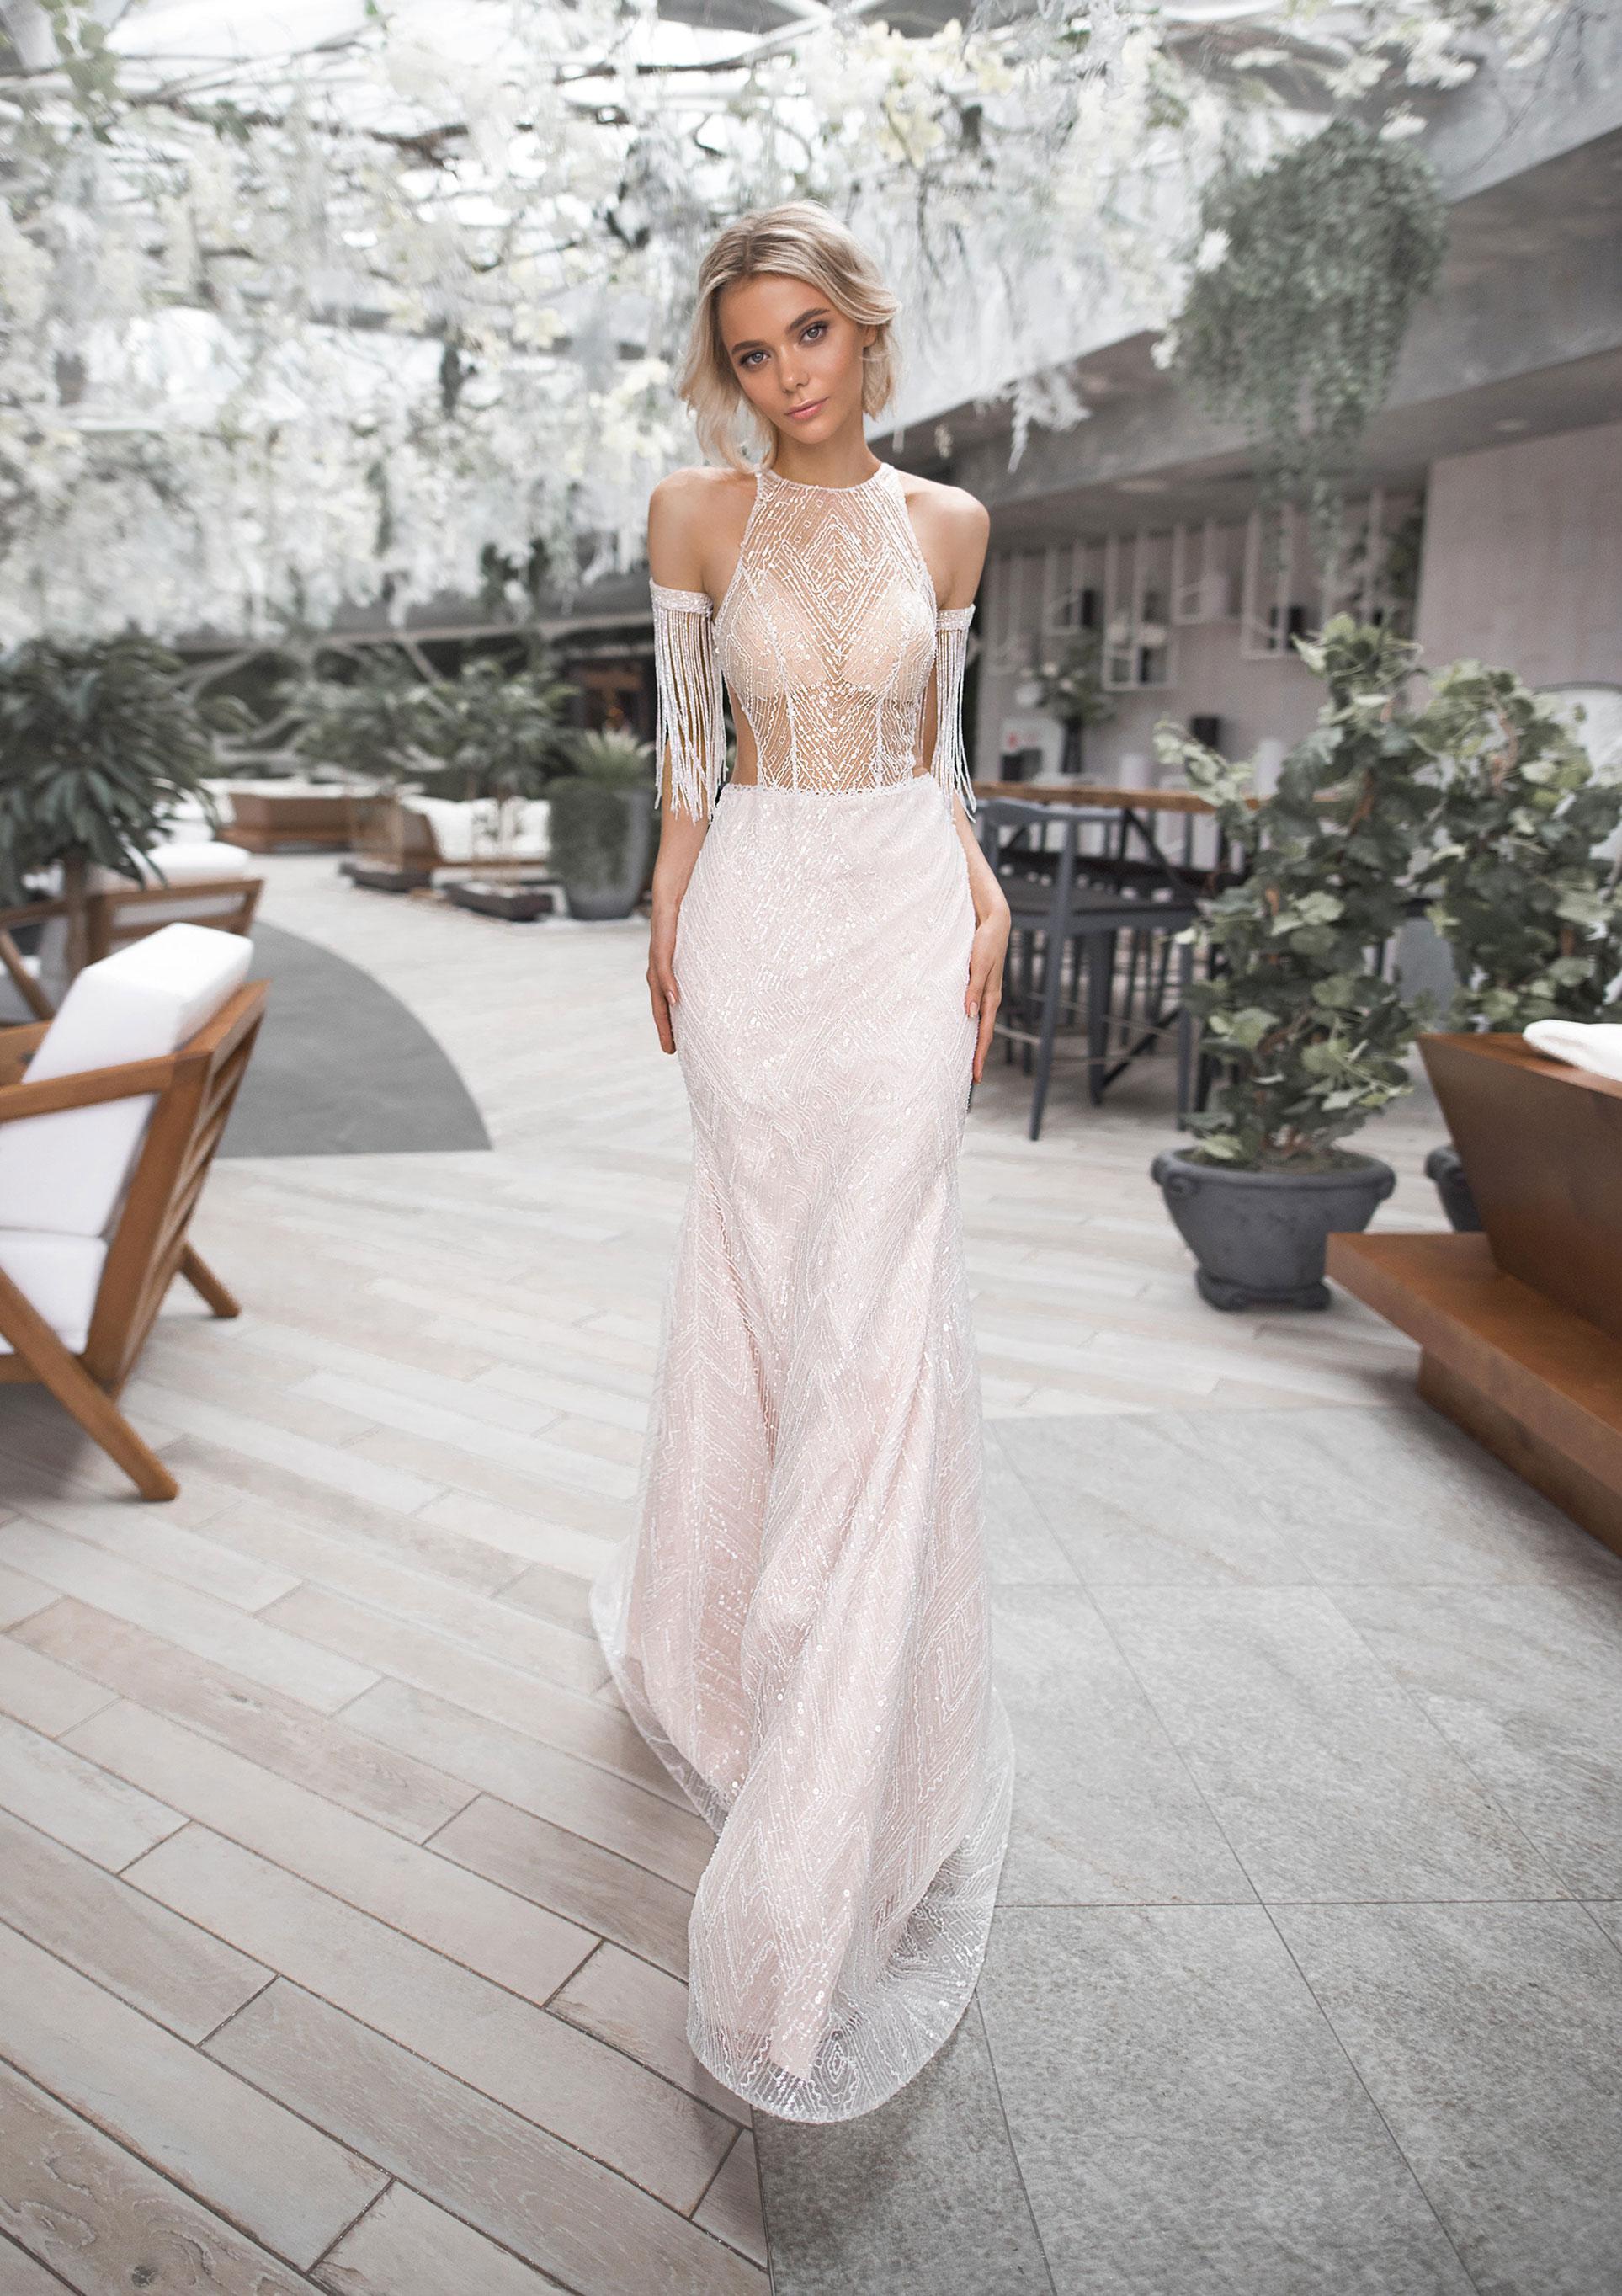 Полина Архипова в свадебных платьях модного бренда Strekoza, весна-лето 2019 / фото 02